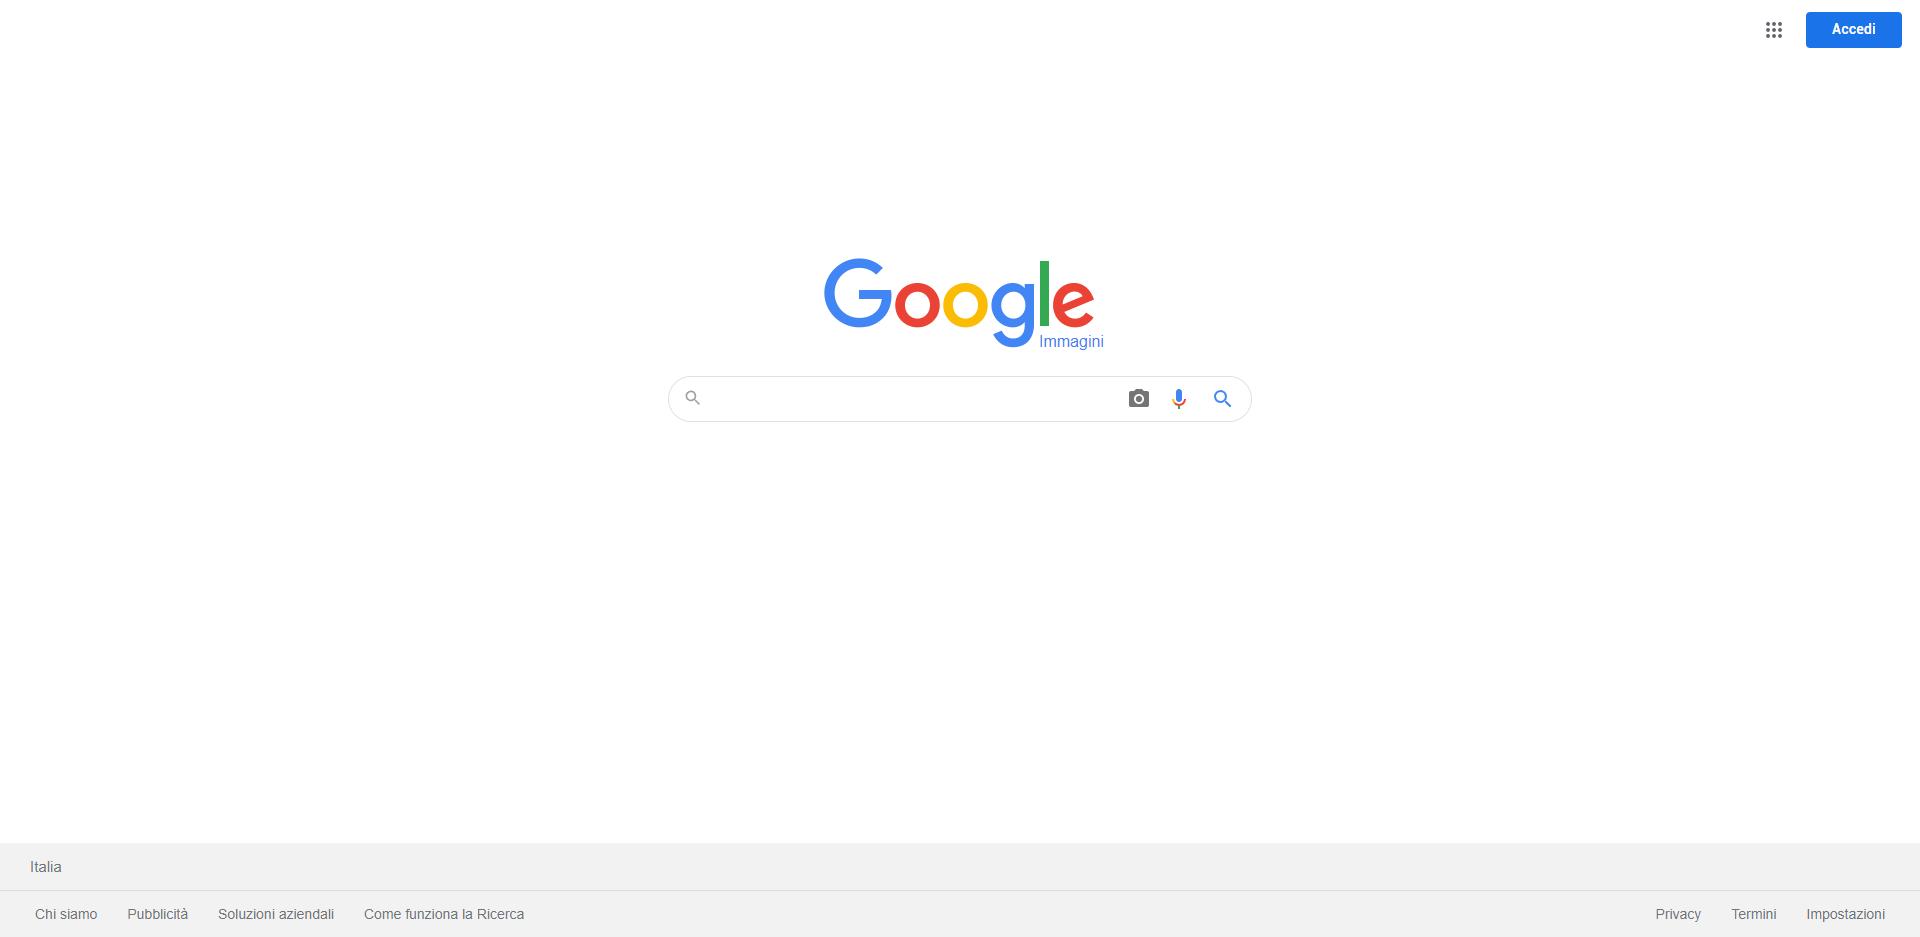 Воскресным, гугл картинки ком